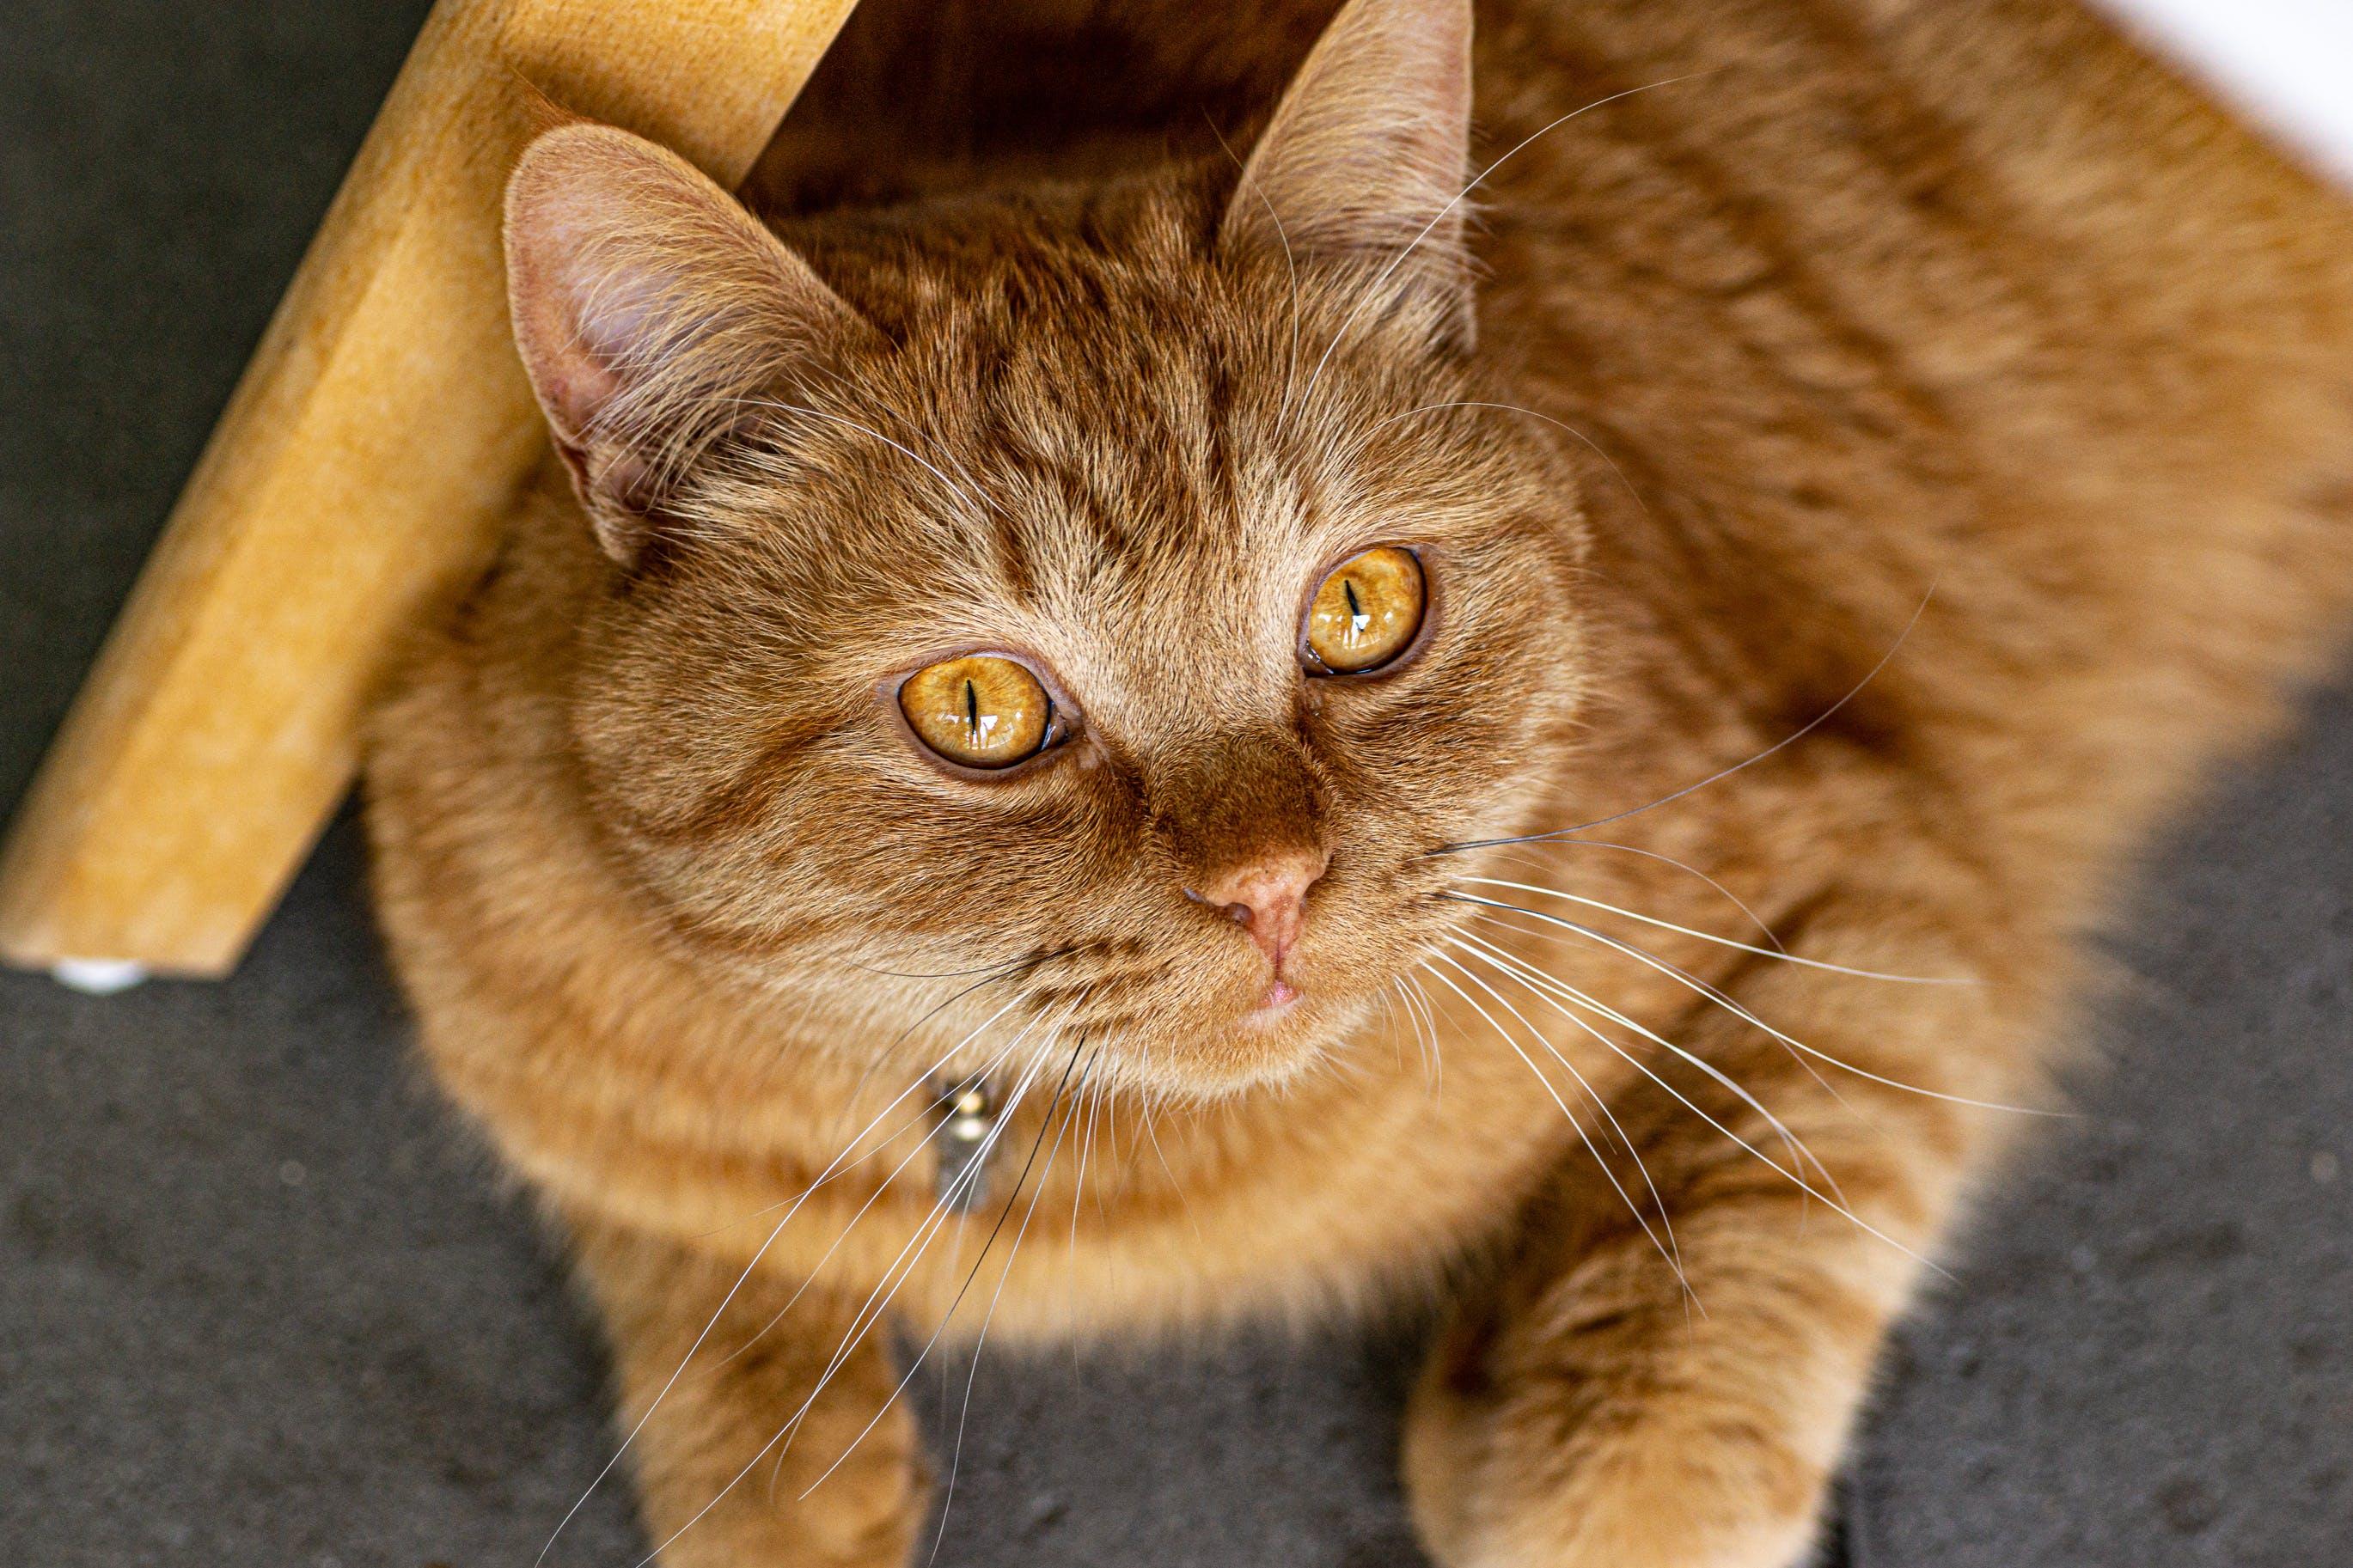 Gratis lagerfoto af kat, katteansigt, stor kat, søde dyr